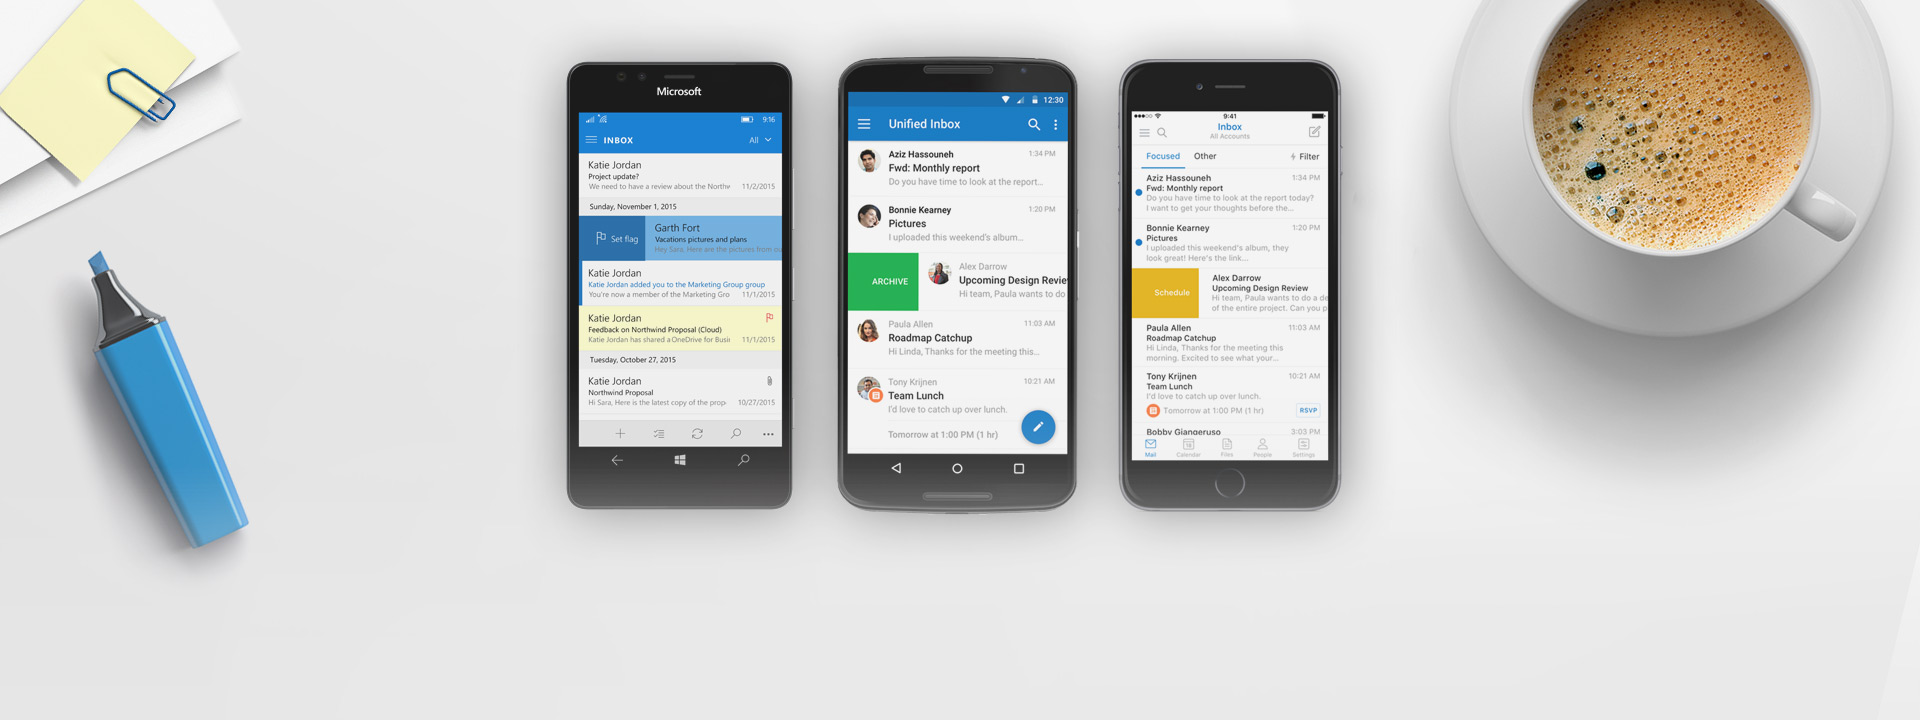 Windows Phone, iPhone și telefon Android cu aplicația Outlook pe ecrane